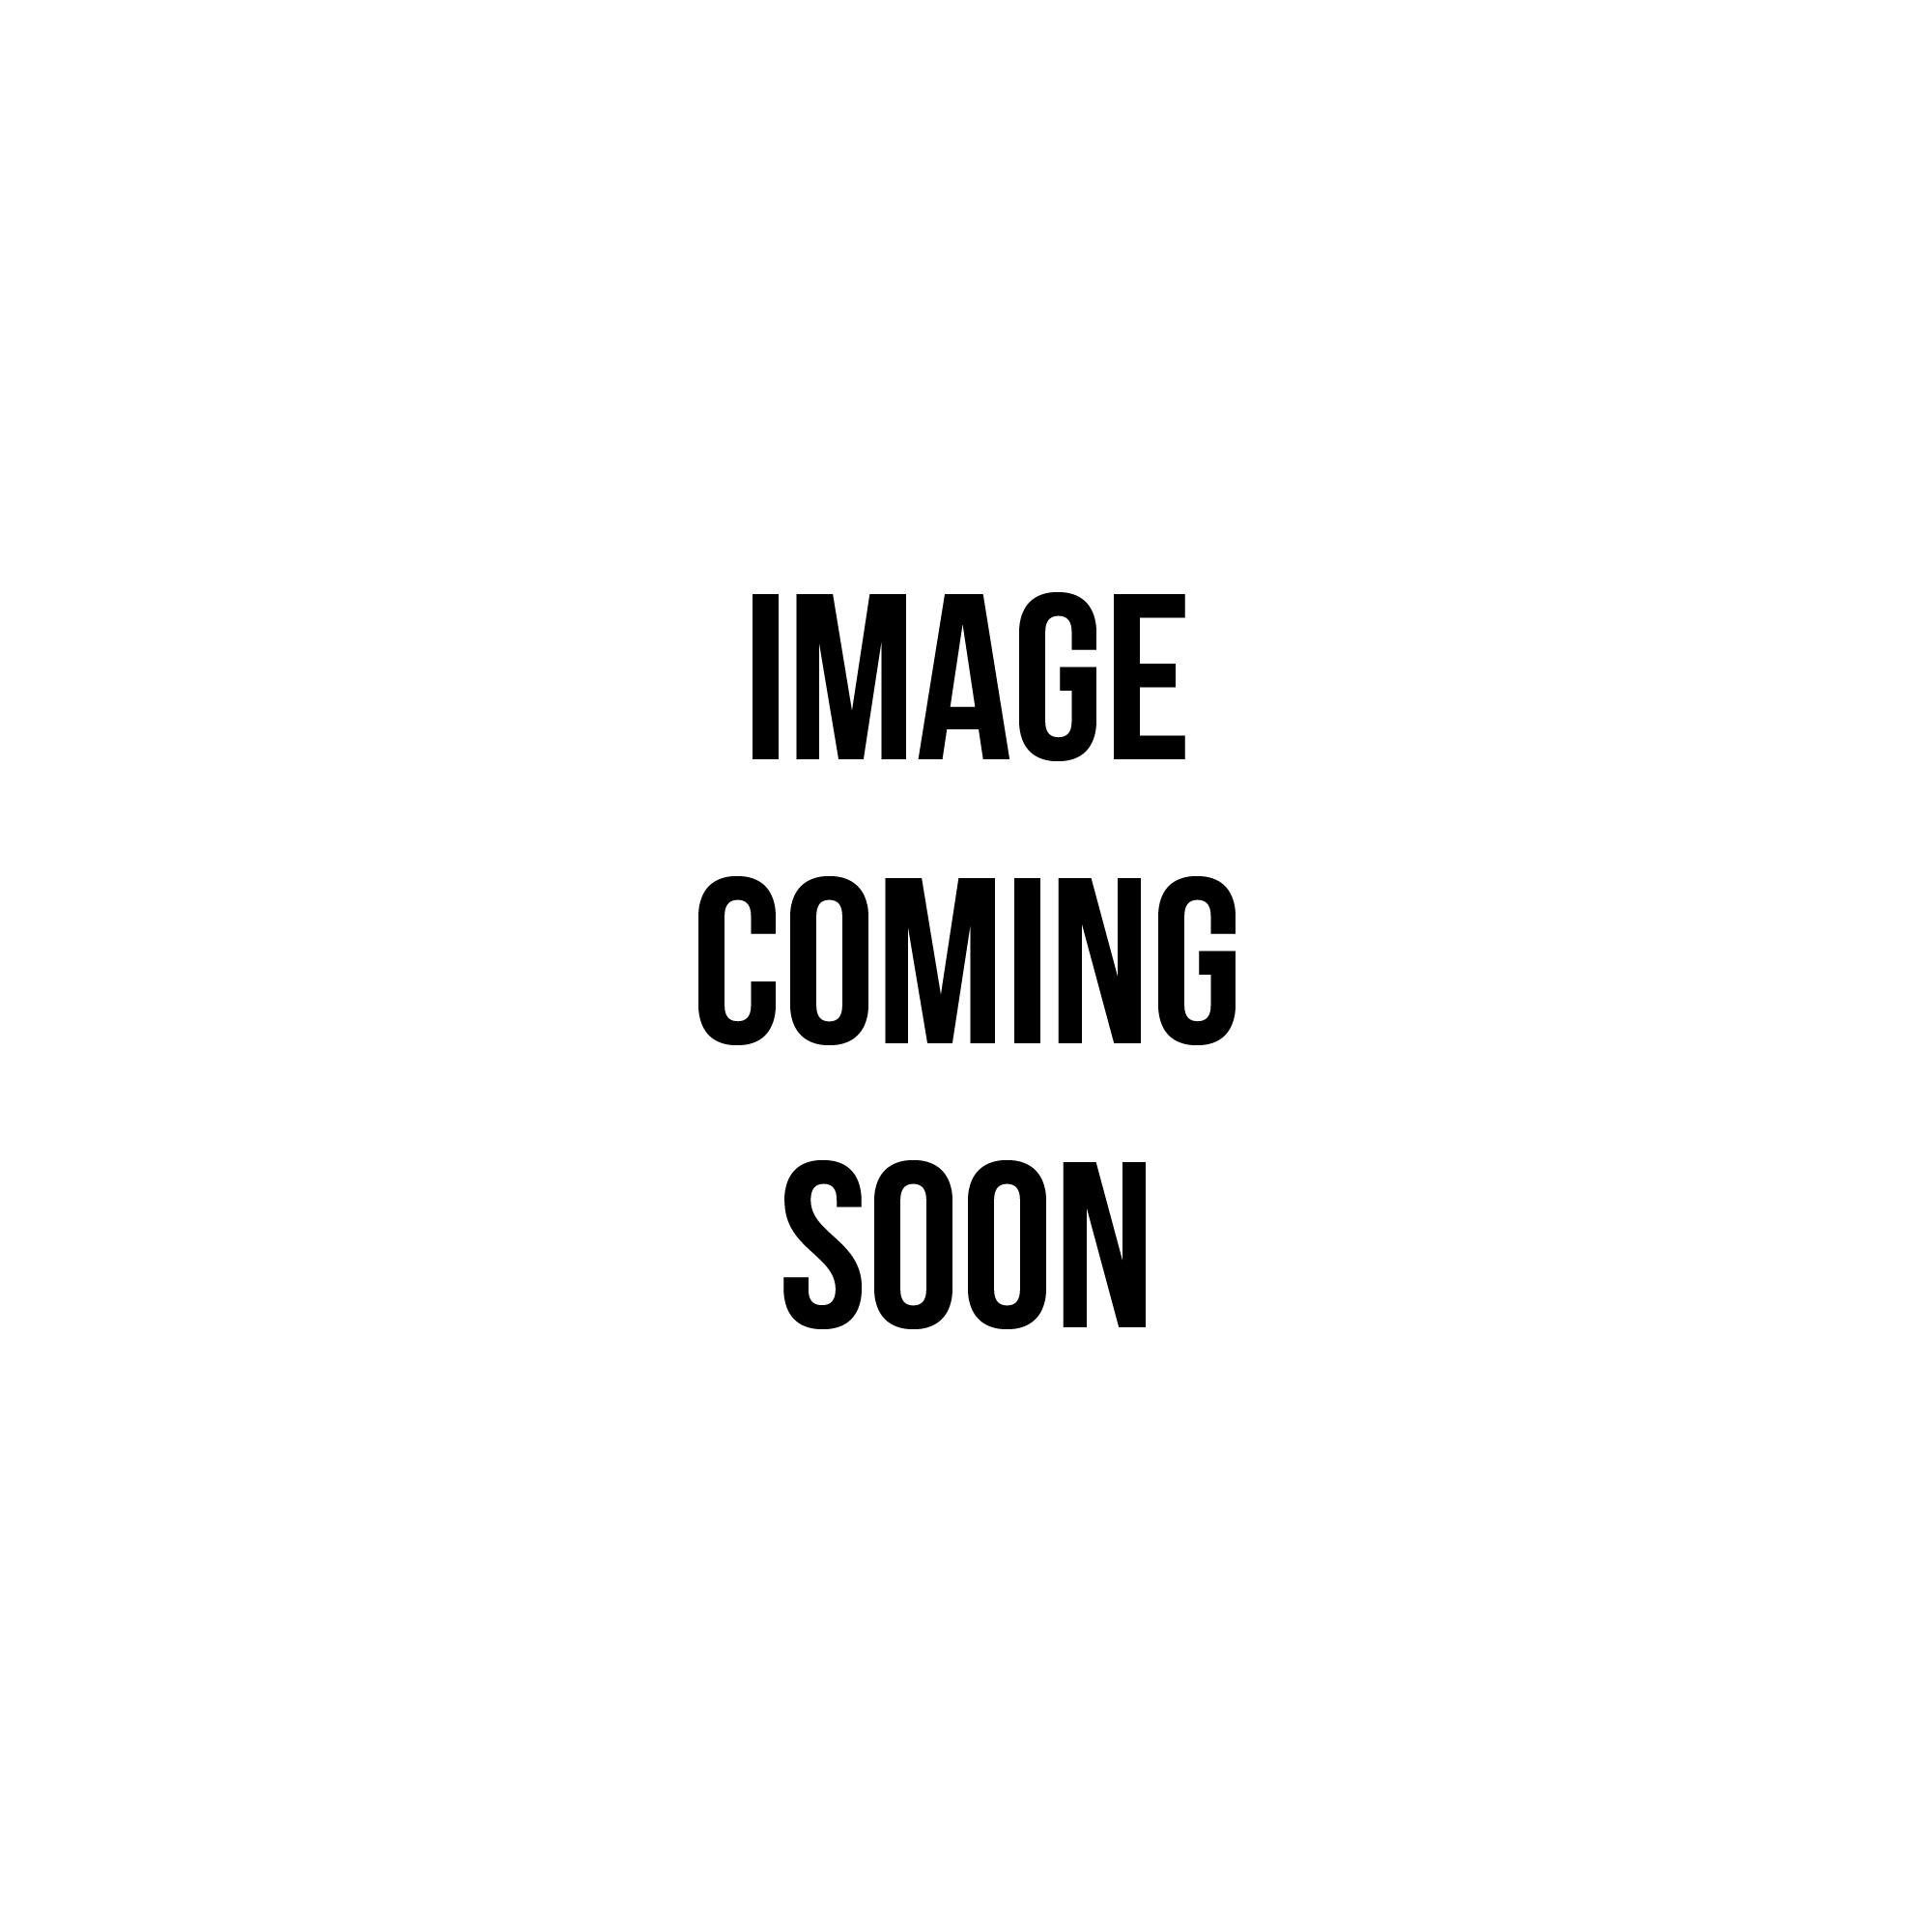 Mujeres Nike Roshe Zapatillas Blanco Y Negro descuento barato auténtica compra coste barato wiki en línea exclusivo precio barato toma barato 0Aob5td